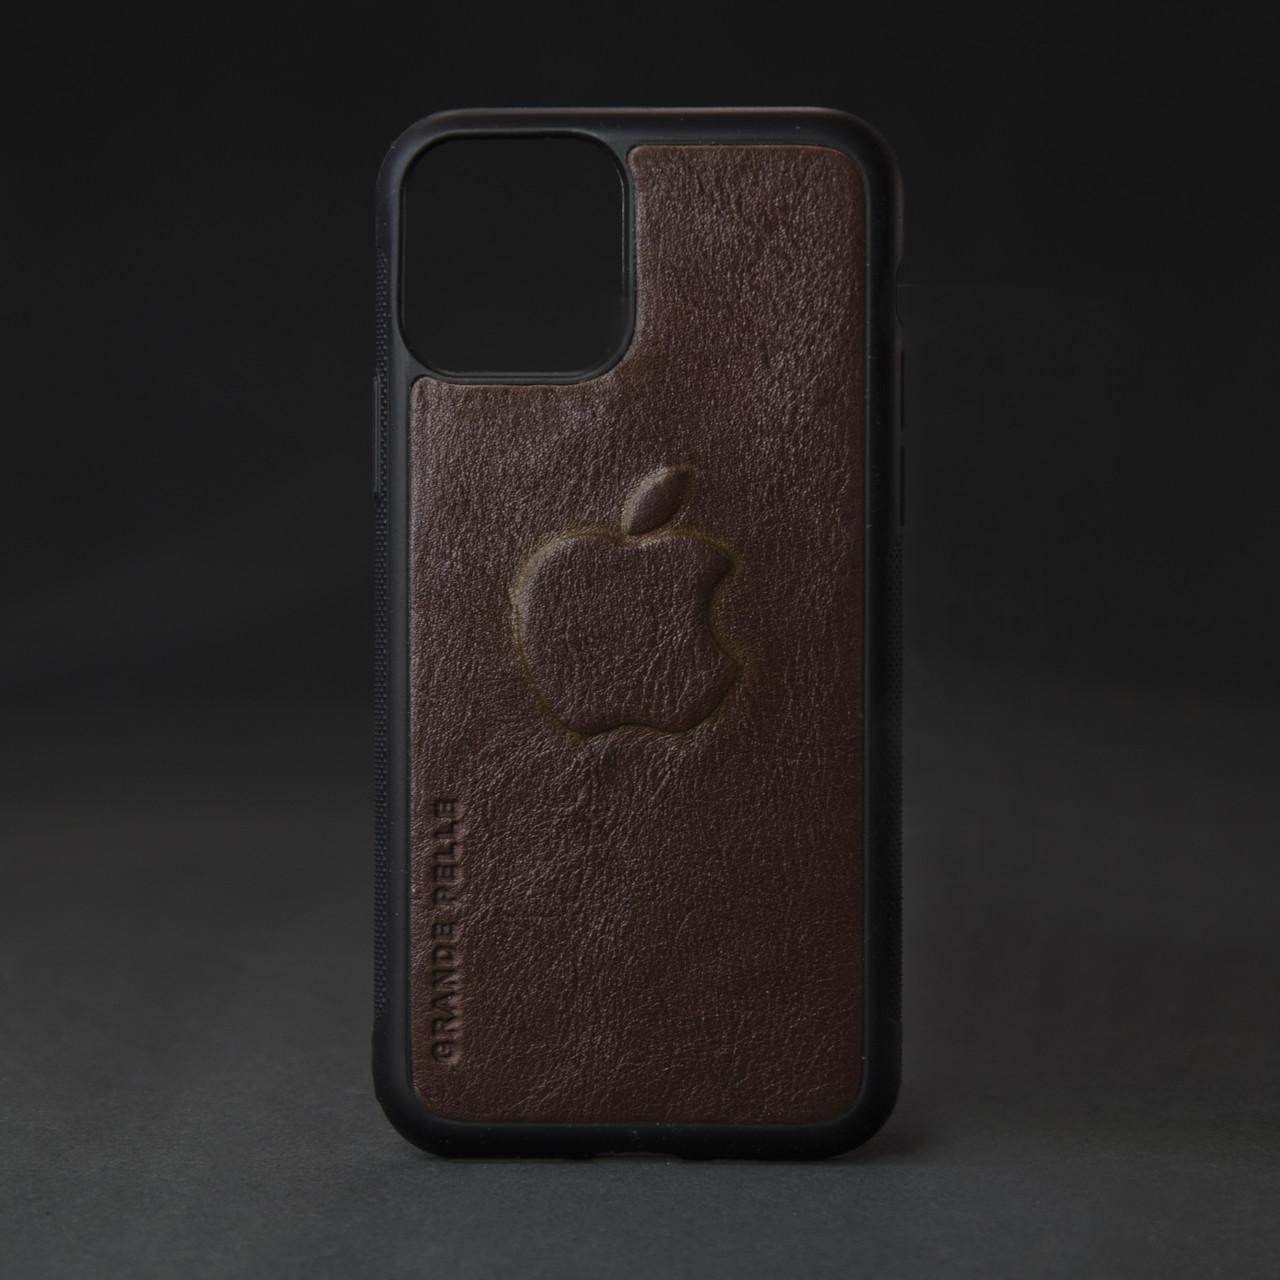 Кейс для IPhone, кон'як глянець, з металевою вставкою для автотримача